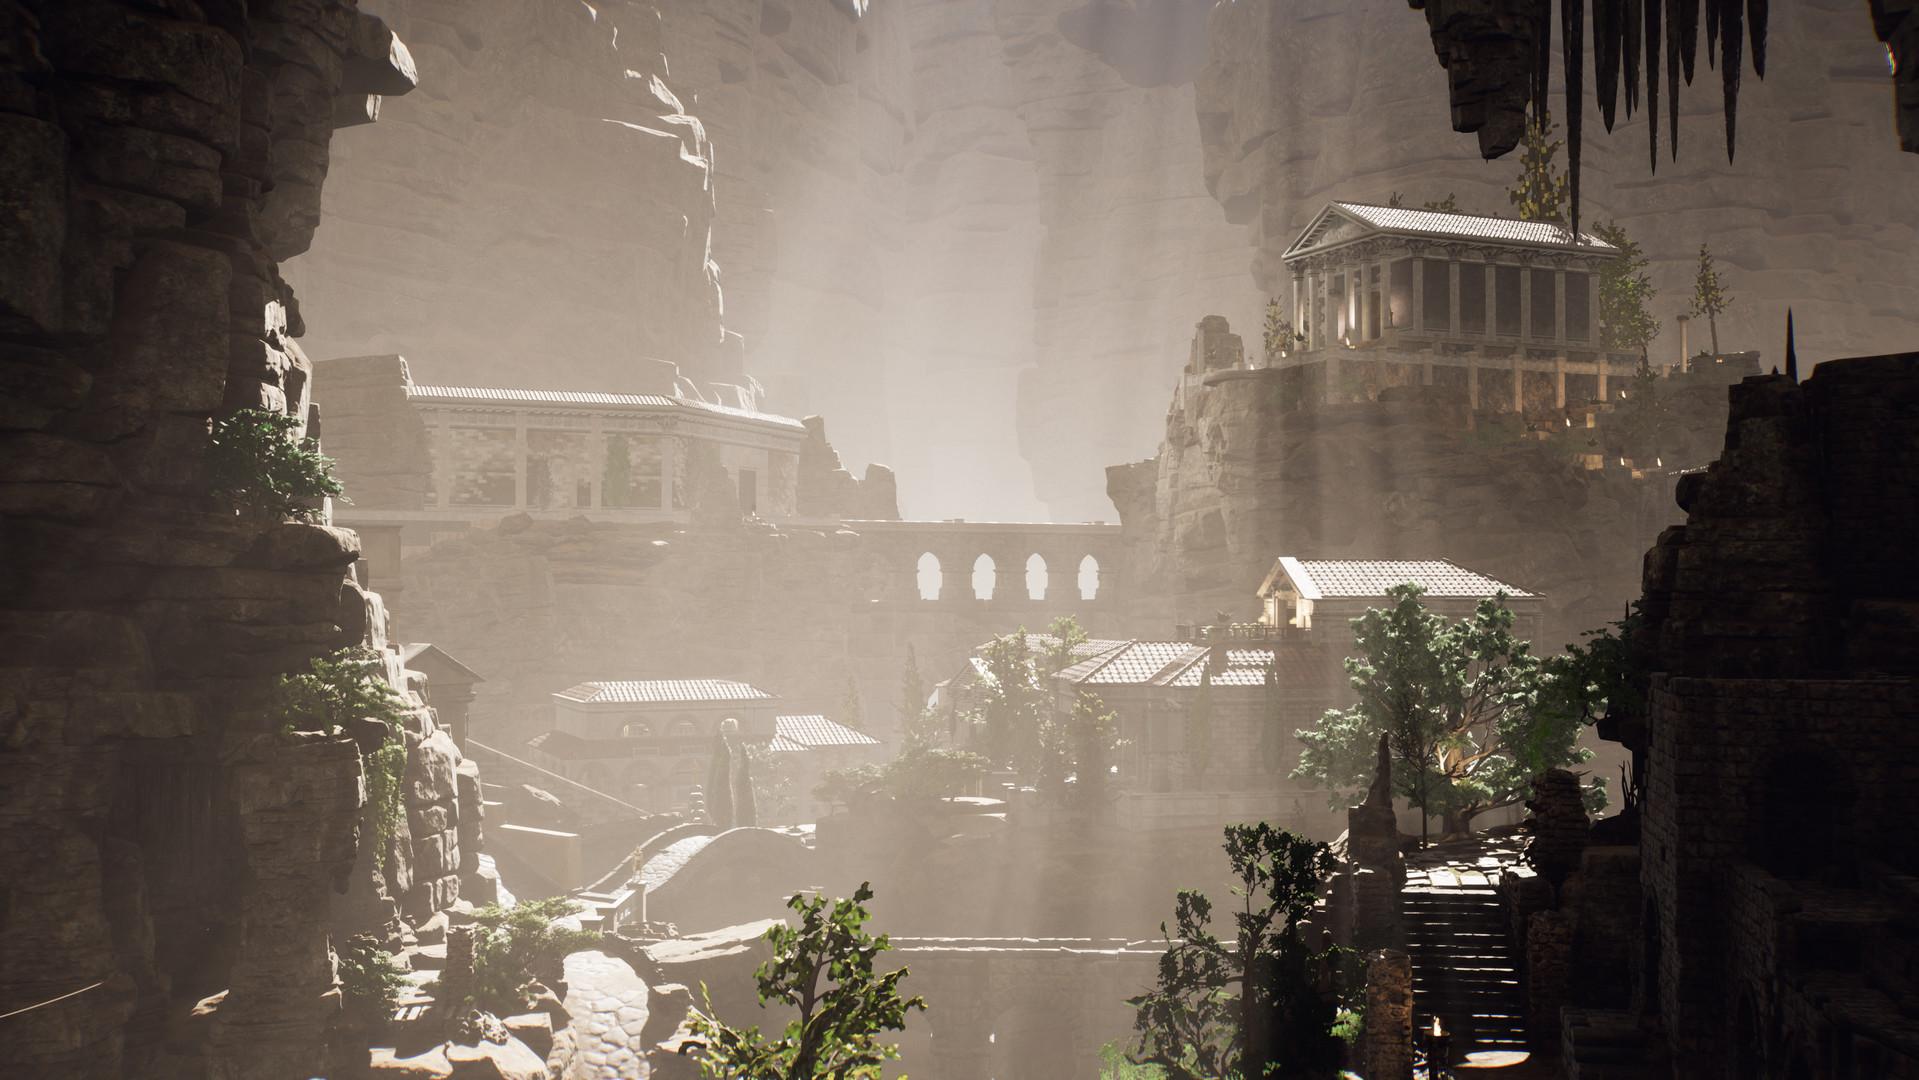 老滚MOD改编 《遗忘之城》延期至2021年春季发售